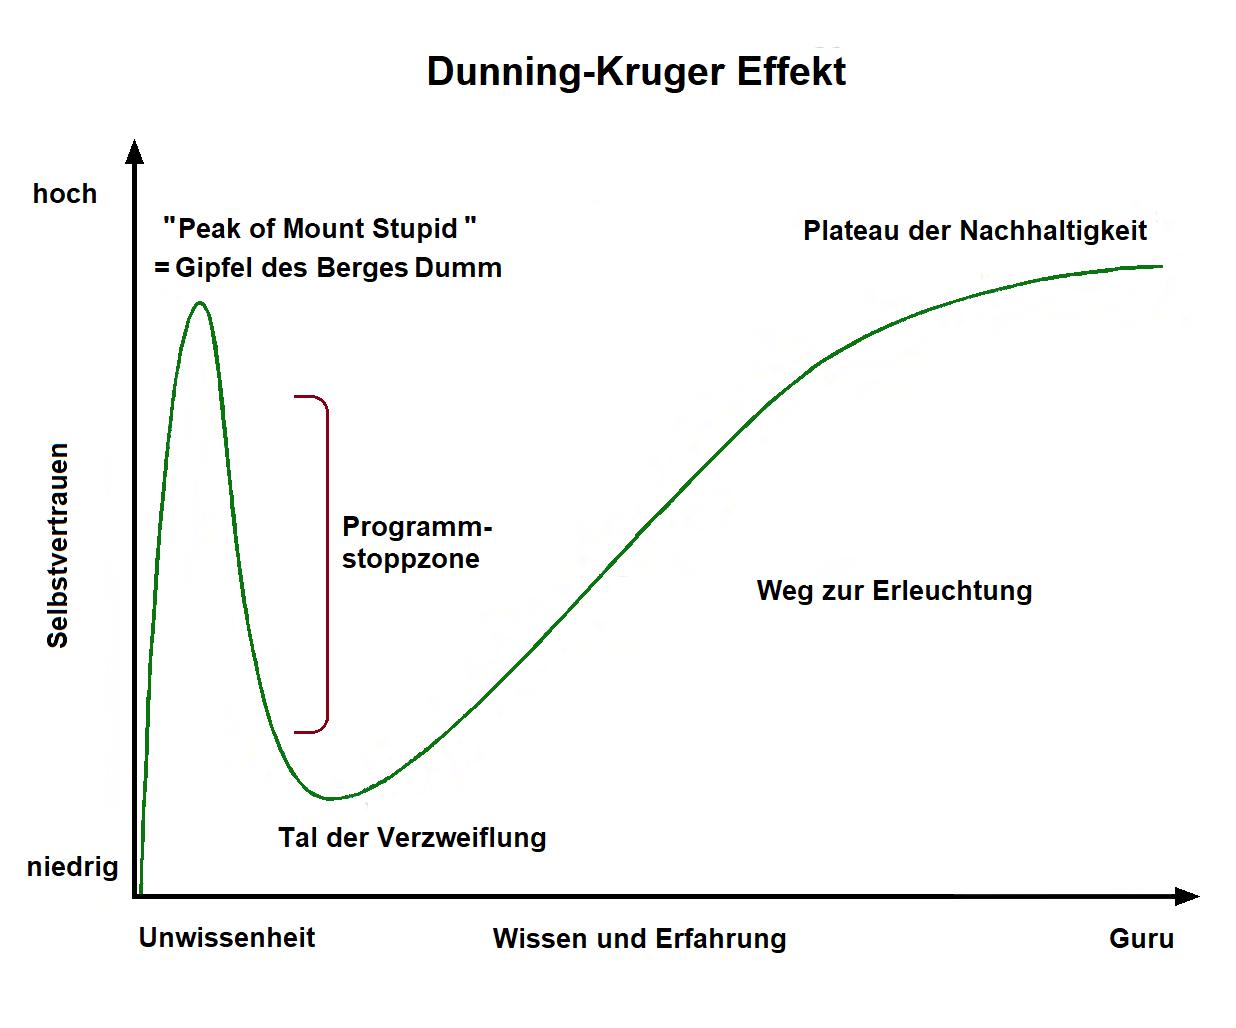 Der Dunning-Kruger-Effekt geht auf eine 1999 erschienene Publikation von David Dunning und Justin Kruger zurück.